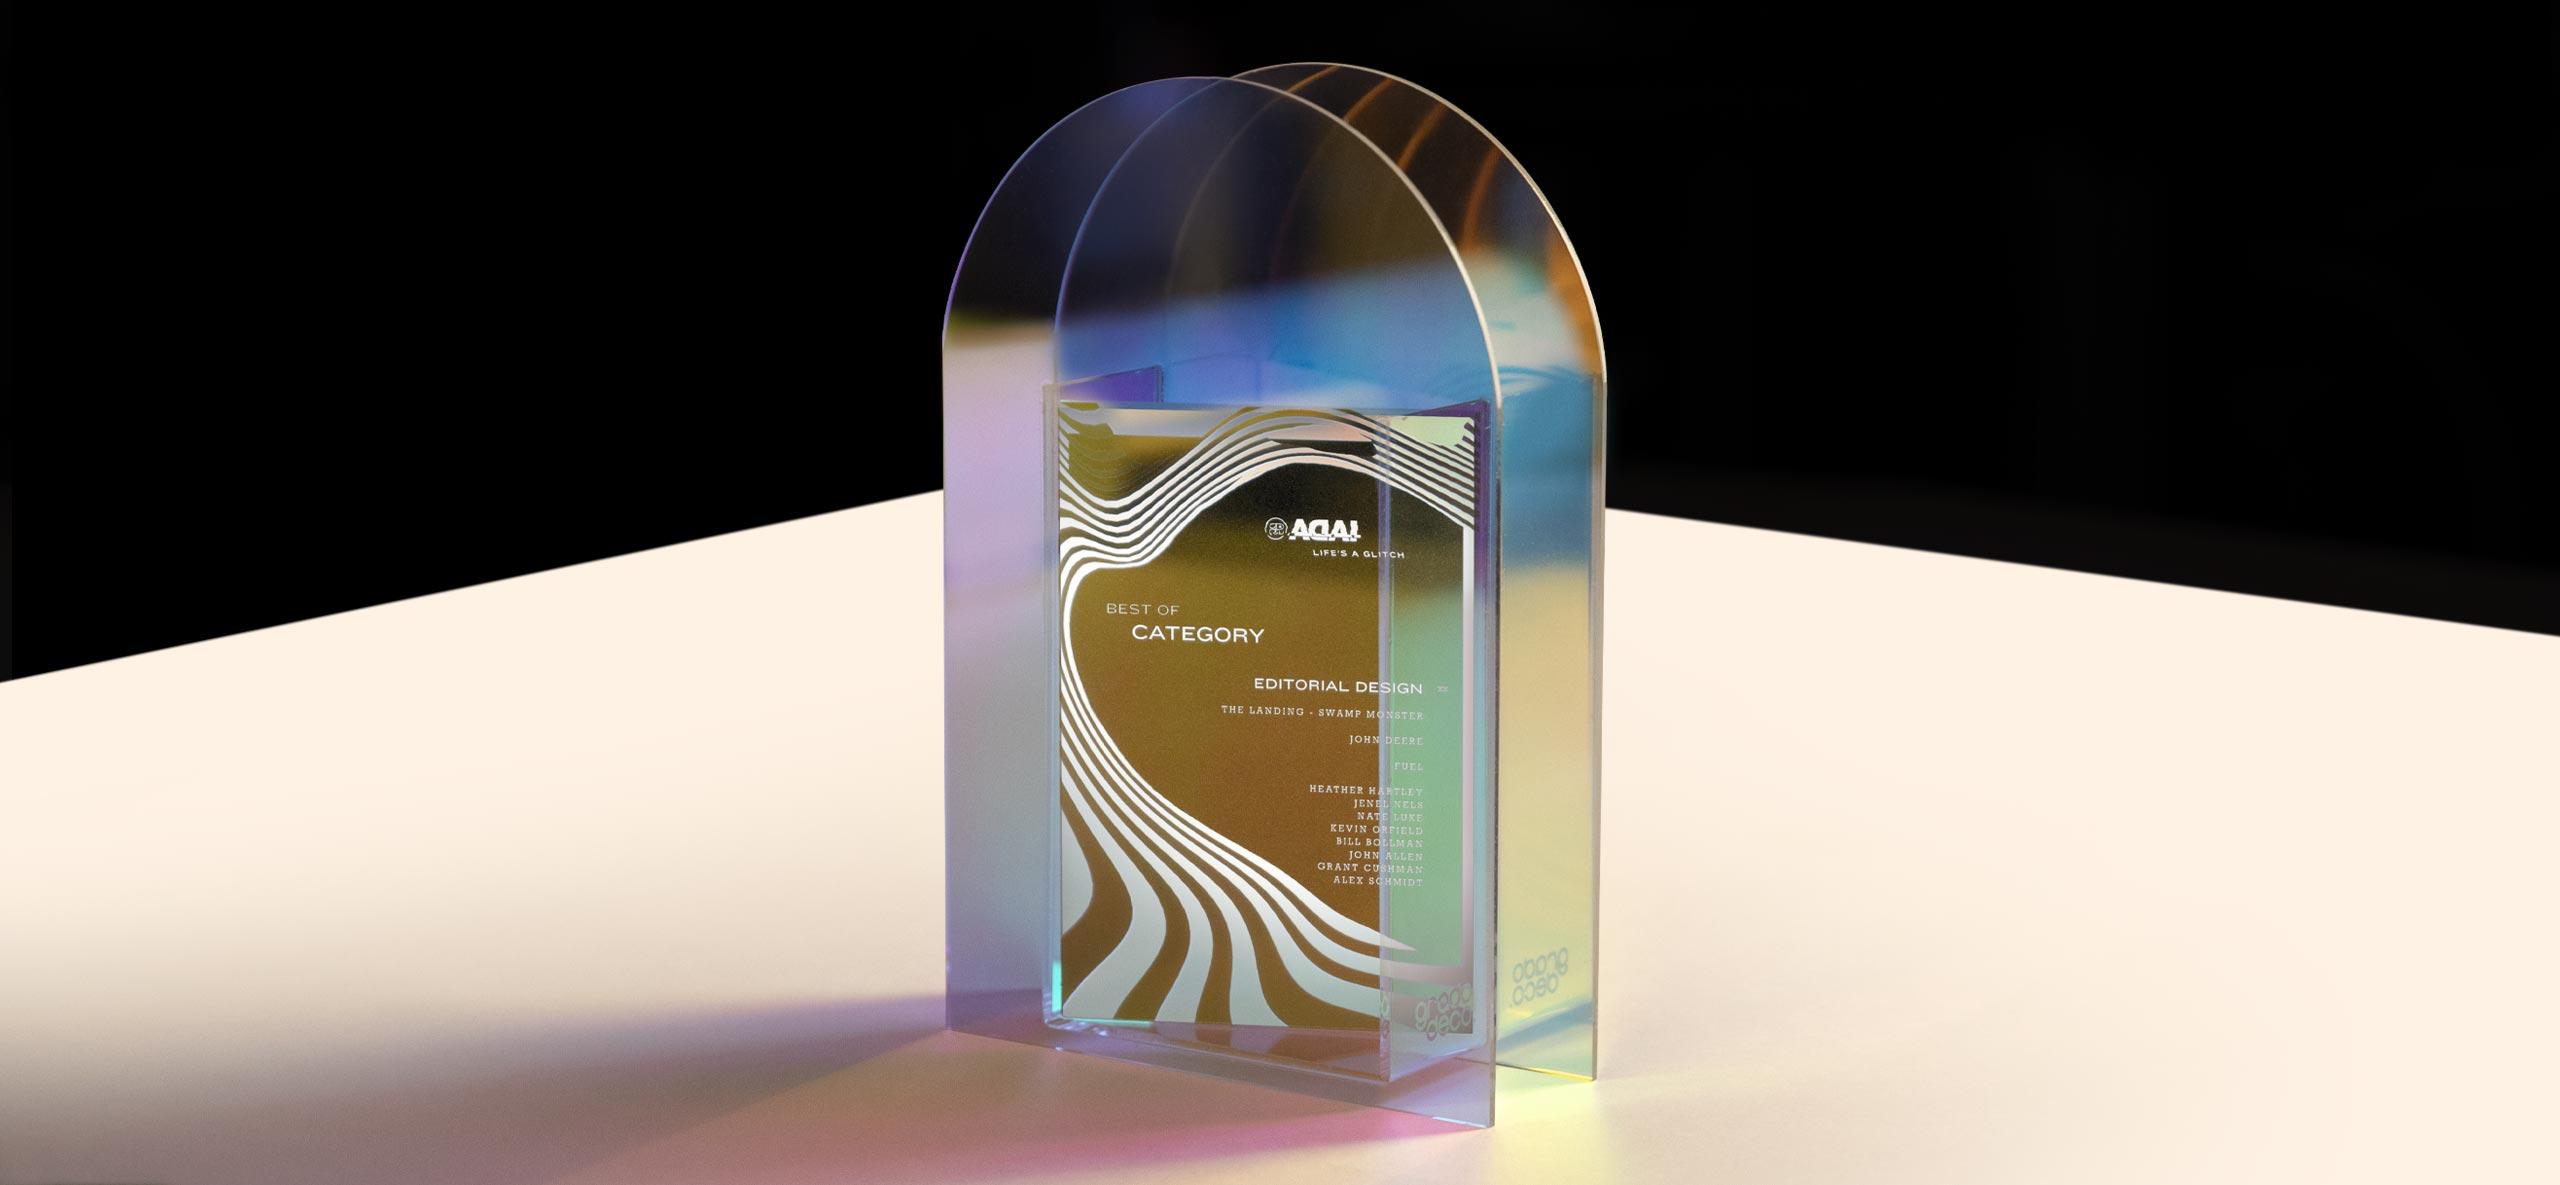 ADAI 2021 Best of Category Award